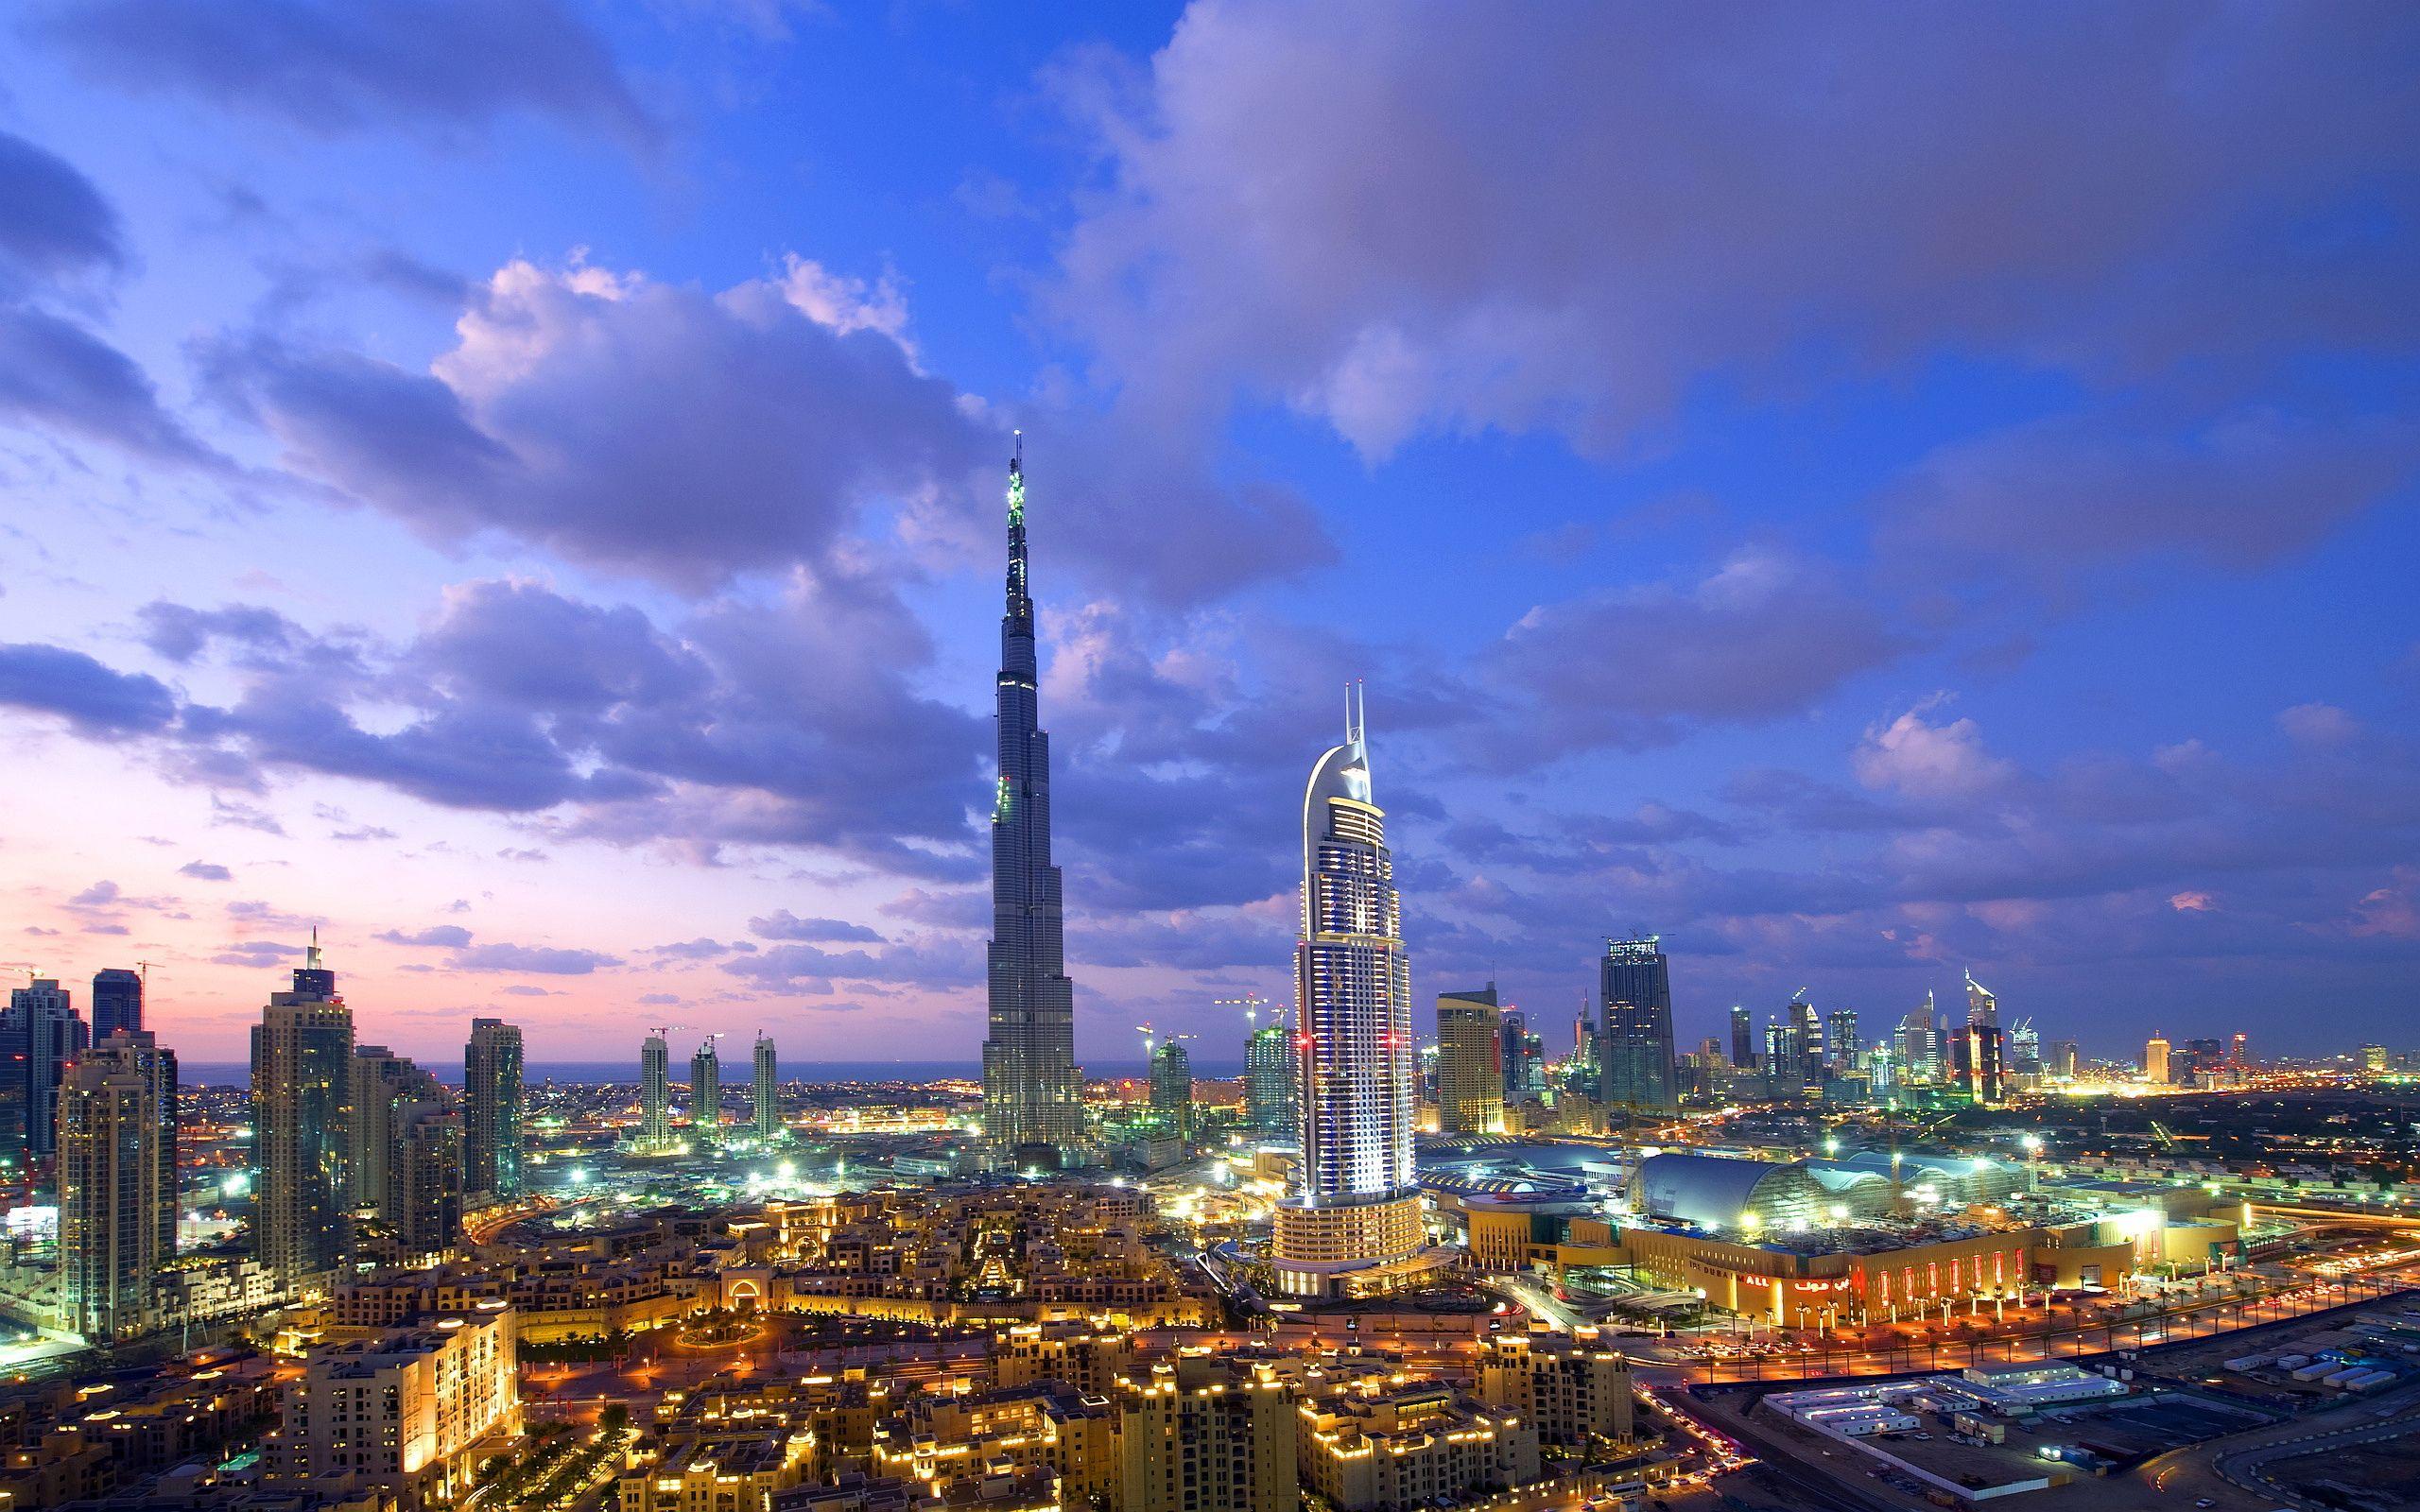 Ντουμπάι: 10+1 μαγευτικές φωτογραφίες του Pinterest που θα σας ταξιδέψουν! (photos)